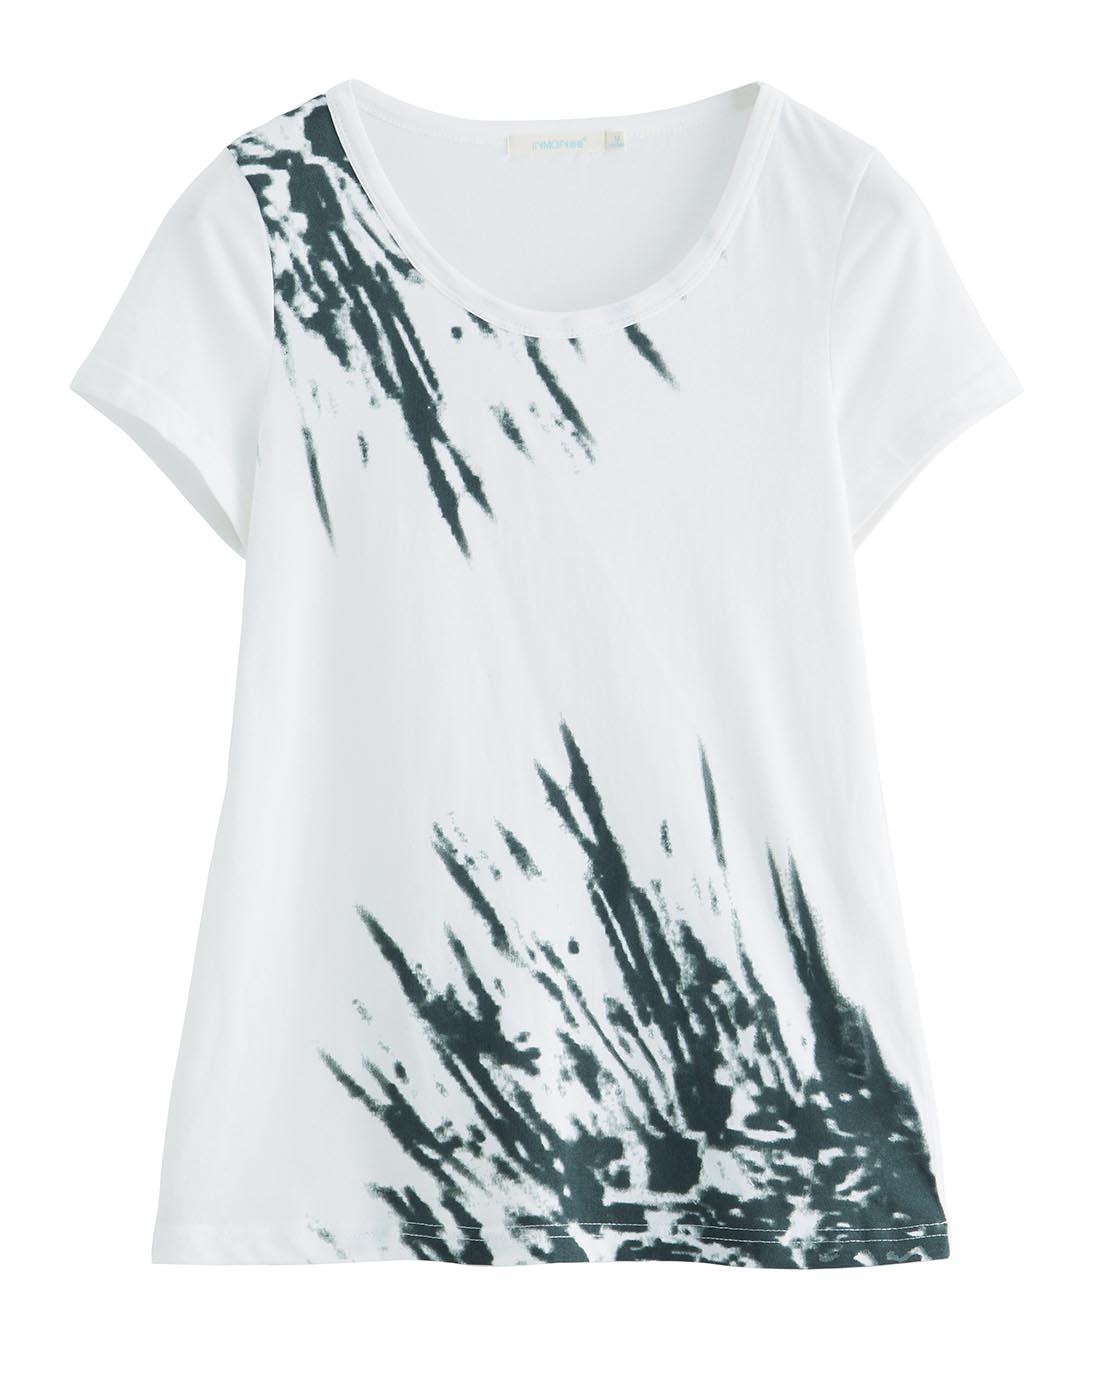 象牙白抽象水墨印花t恤